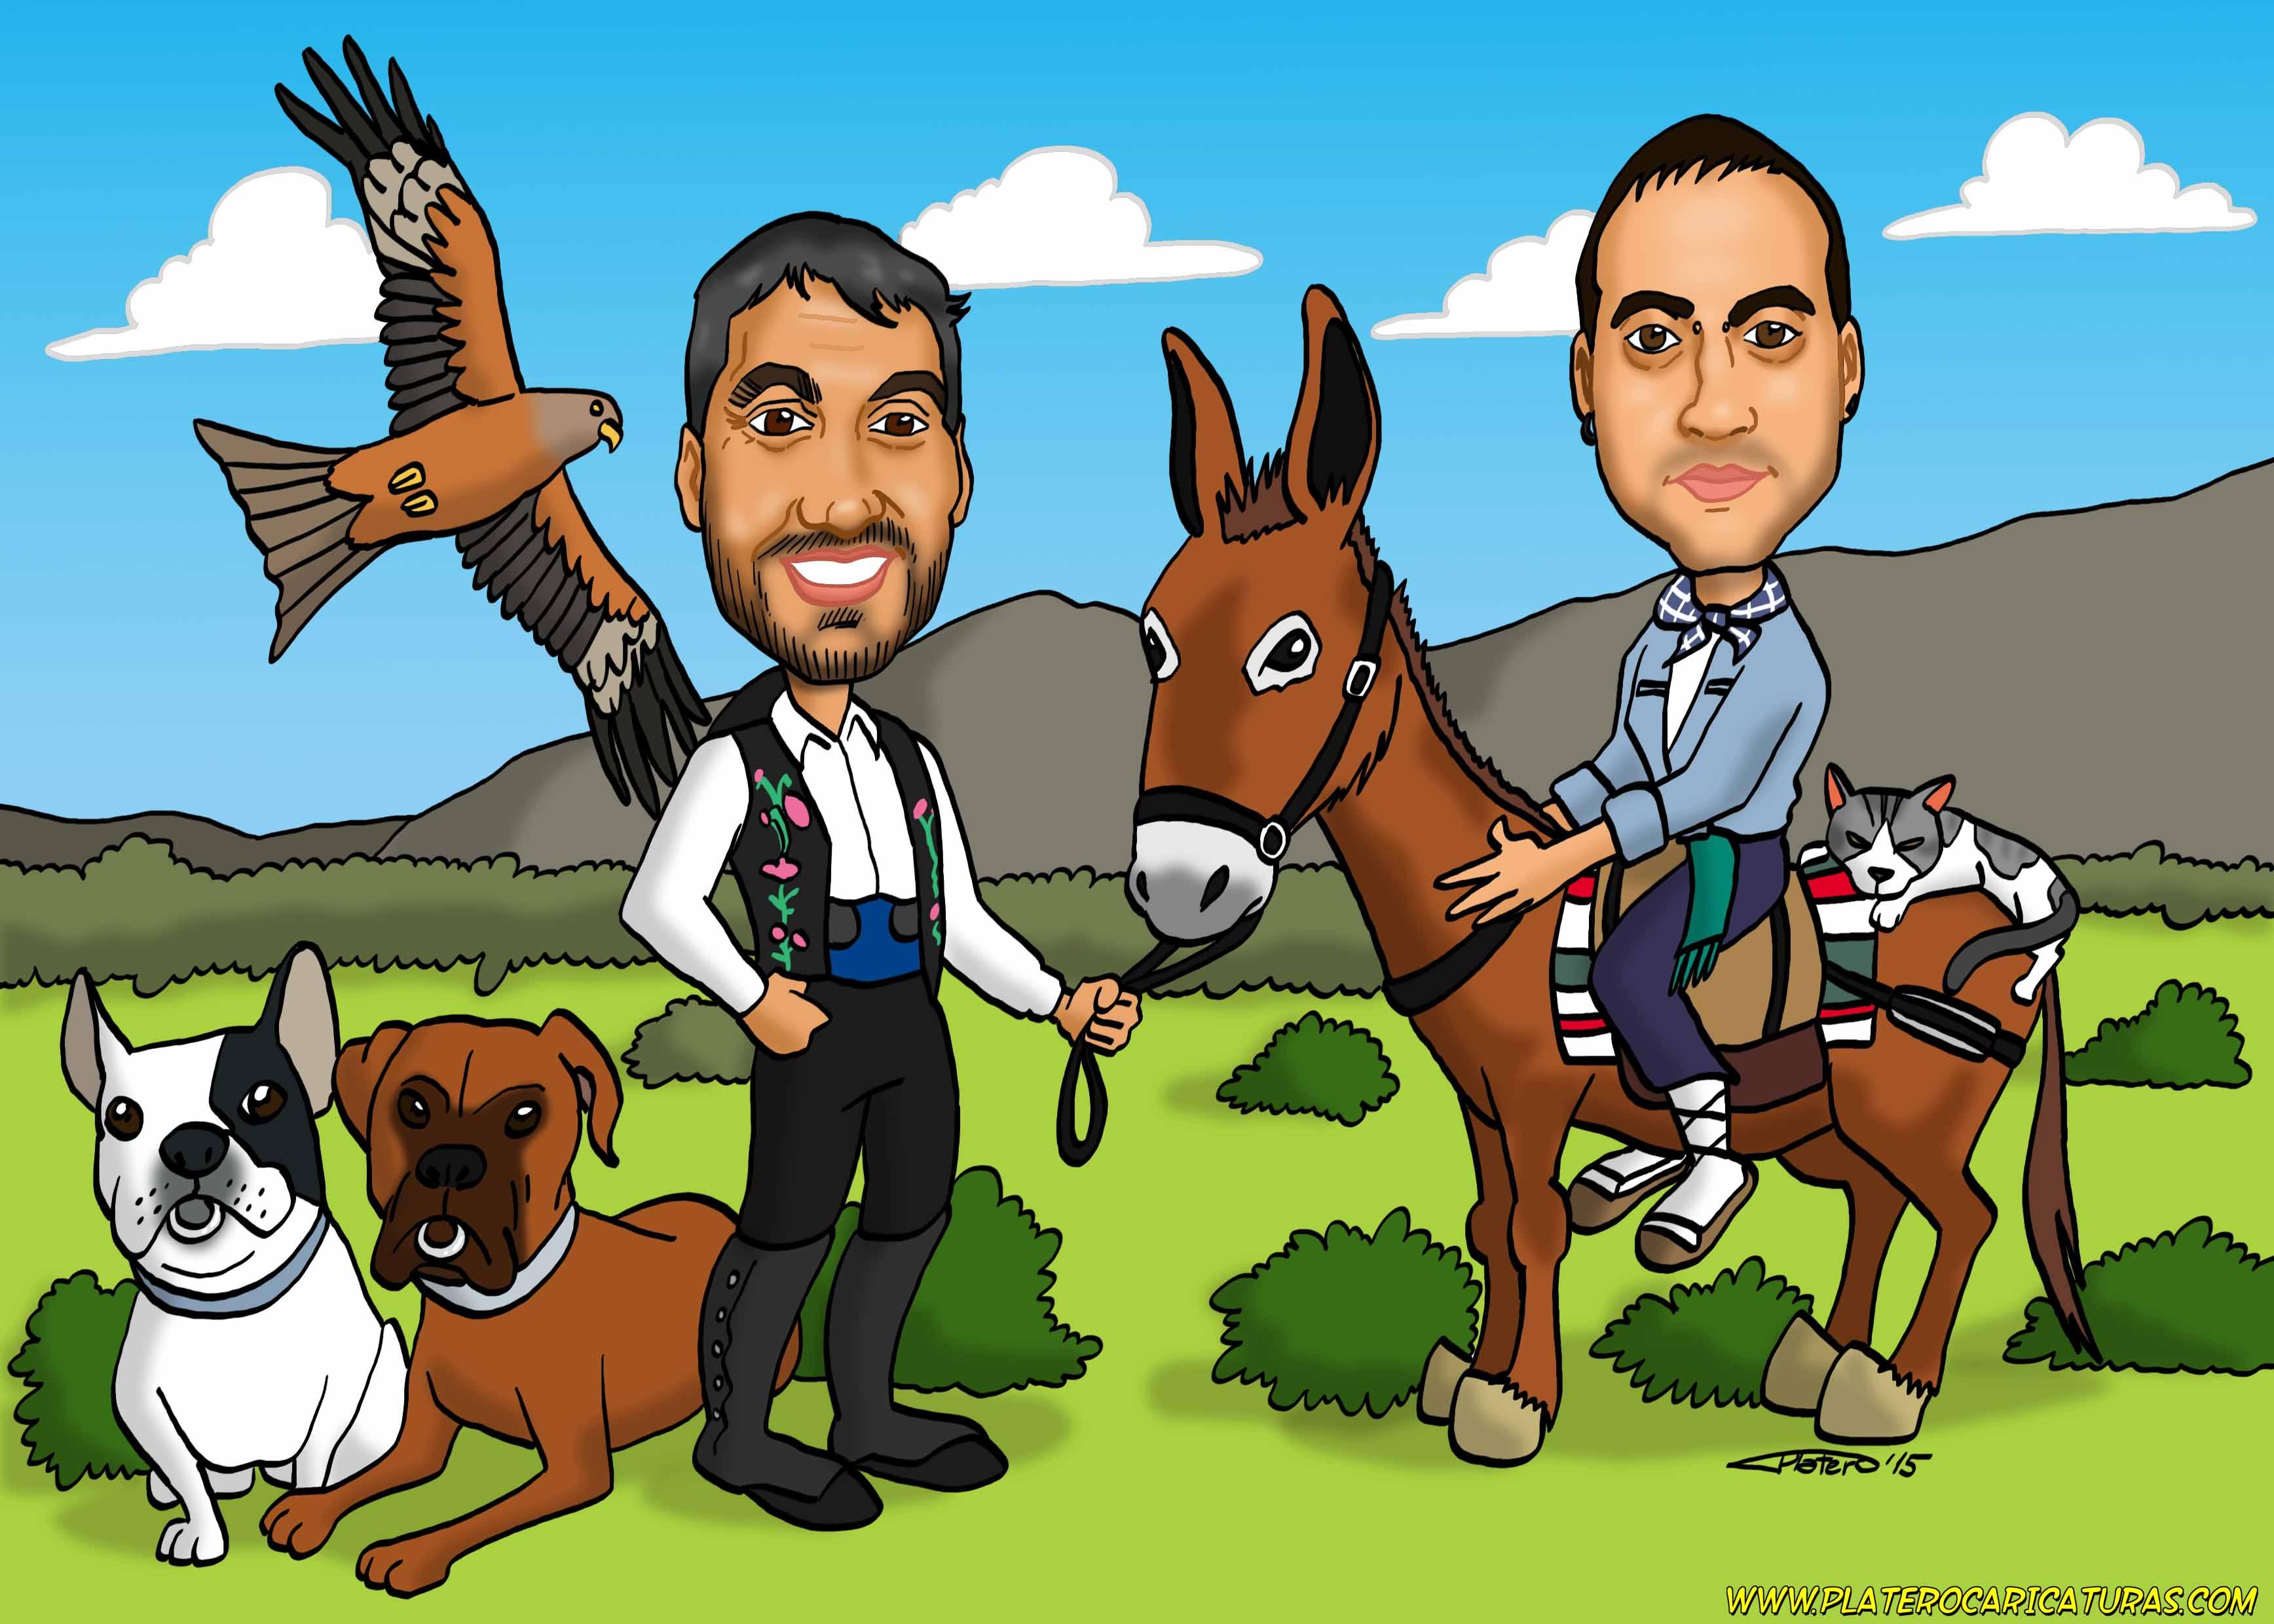 caricaturas_a_color_por_encargo_personalizadas_animales_burro_perros_gato_milano